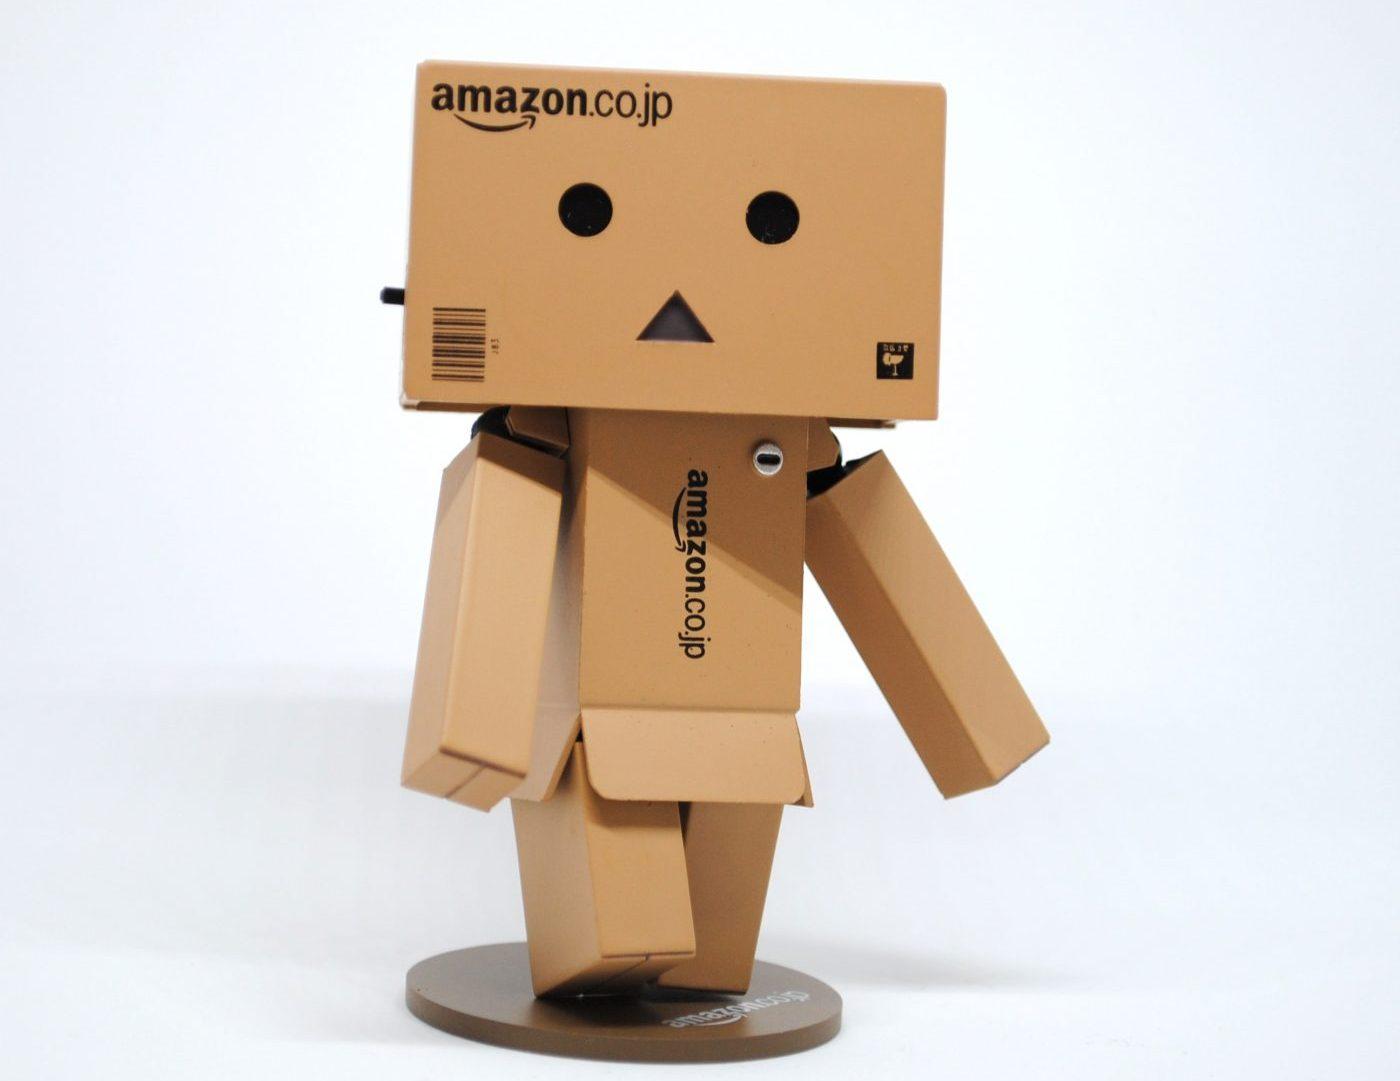 Upskilling 2025: dopo i clienti, Amazon si concentra sui dipendenti